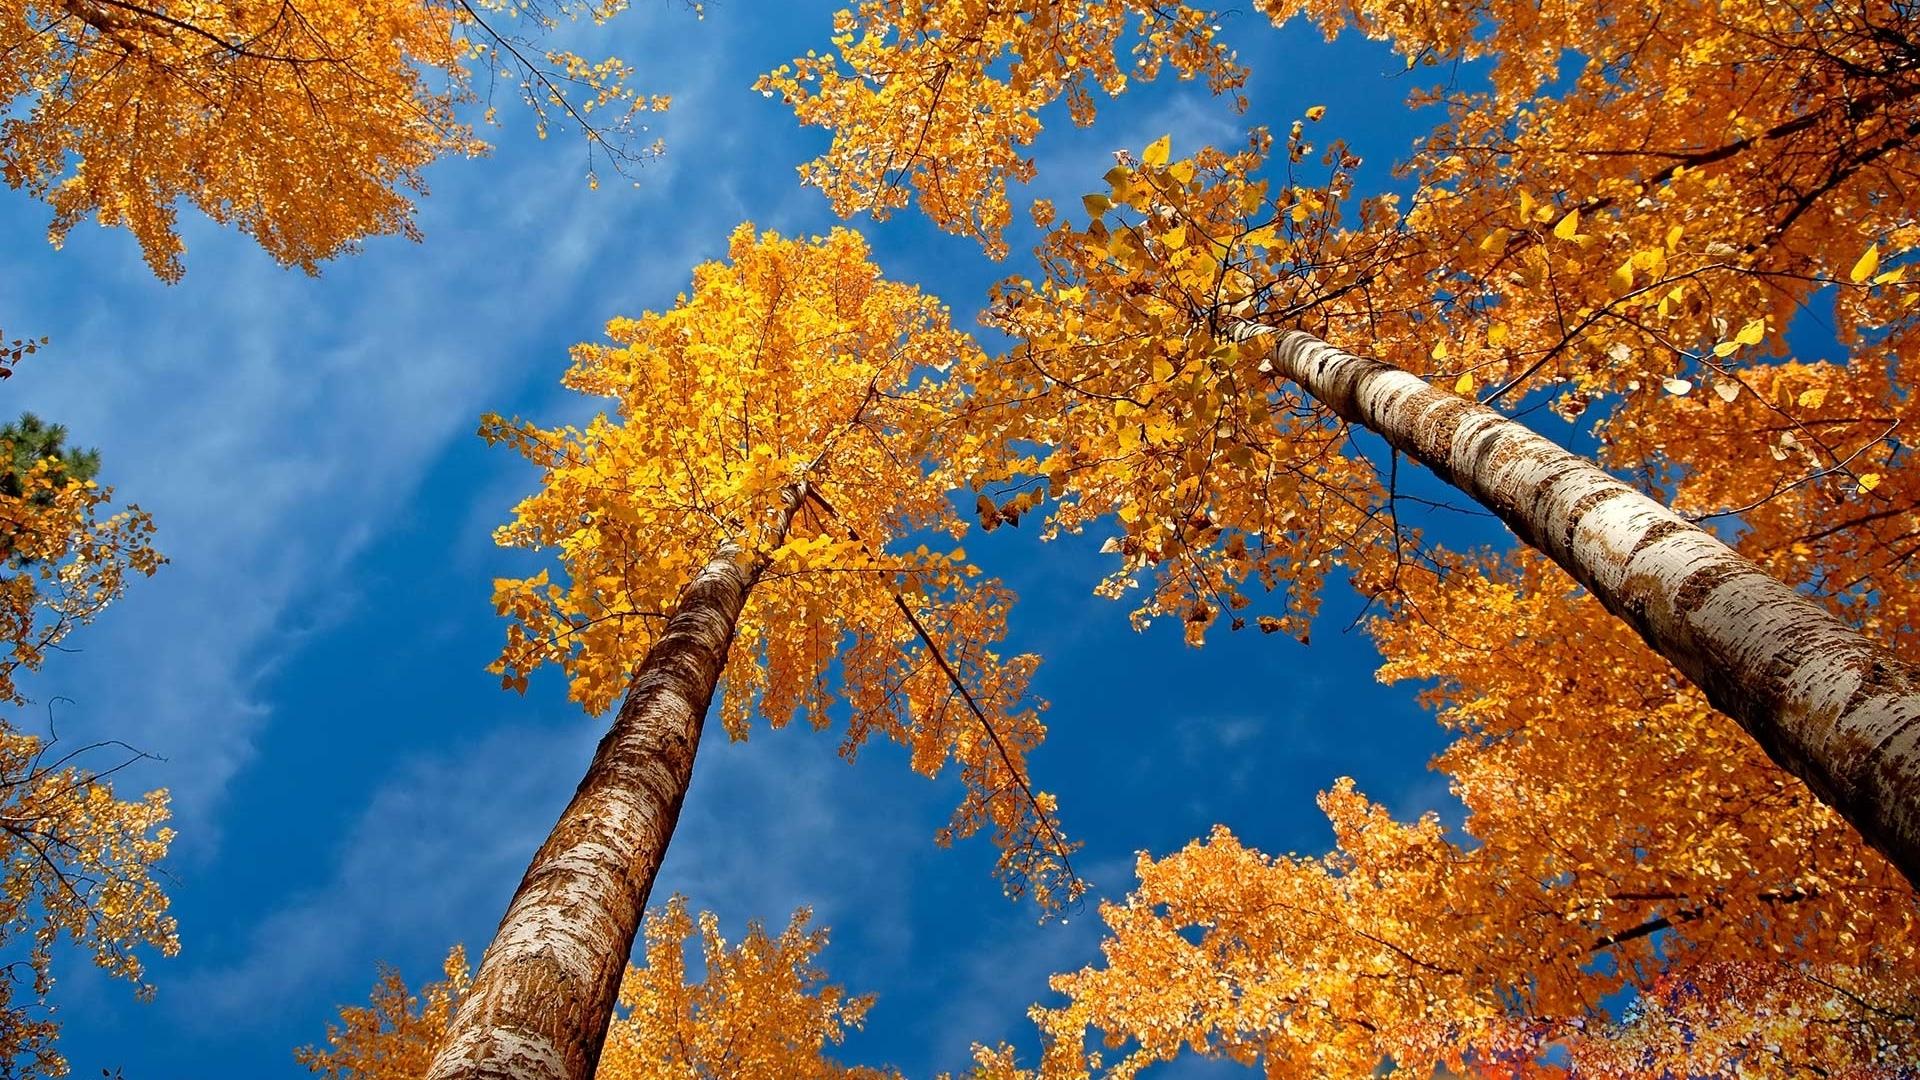 fall desktop wallpaper 15901 1920x1080 px ~ hdwallsource